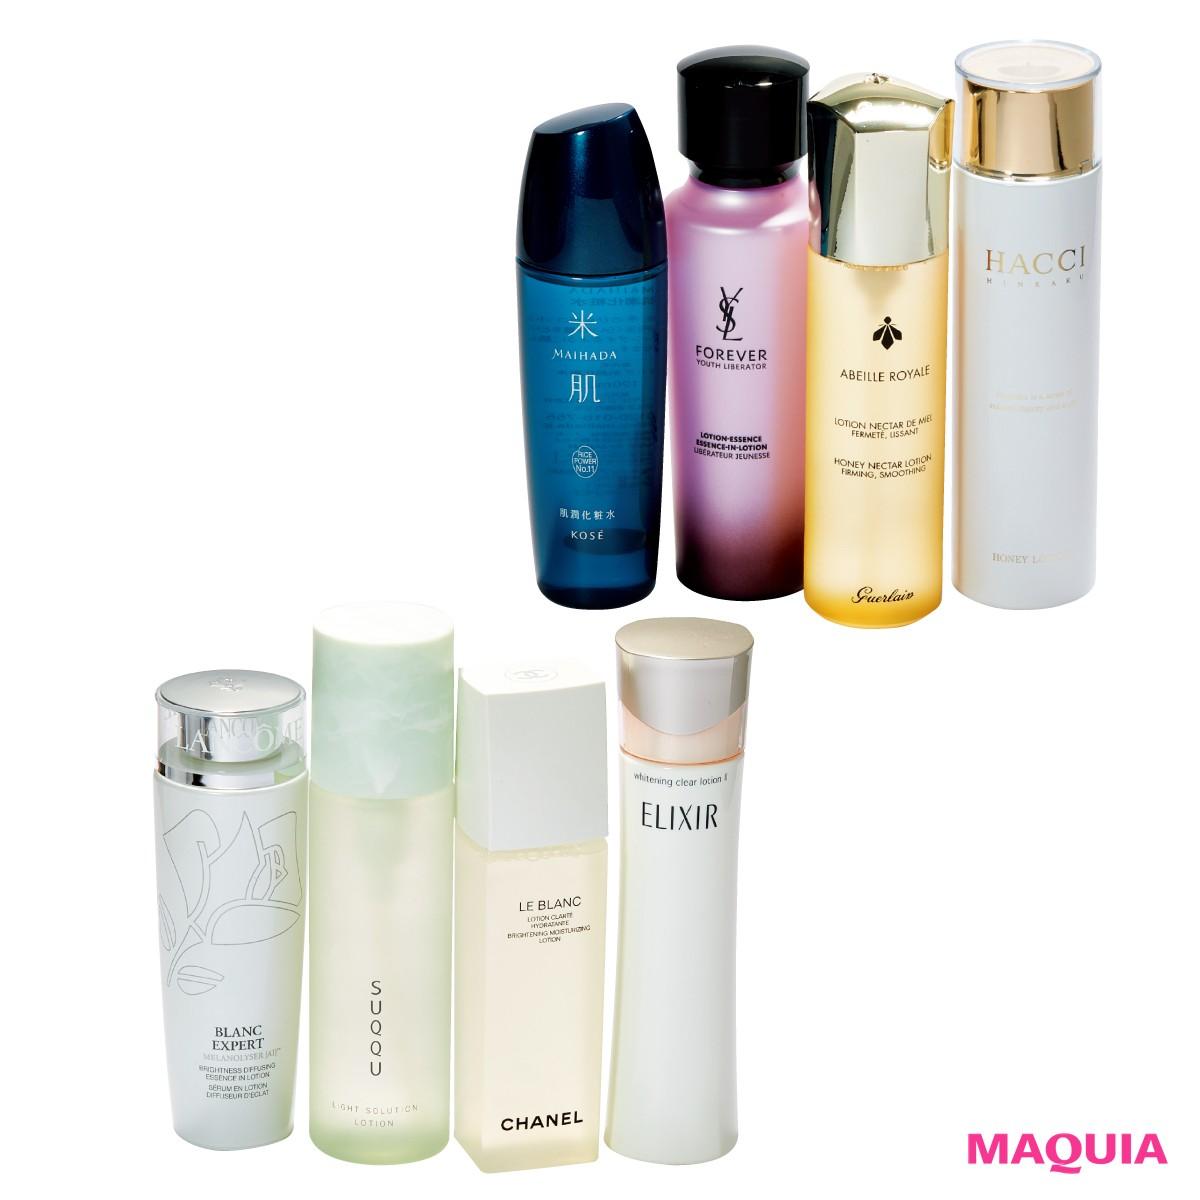 【たるみ/敏感肌/シミ・くすみ】化粧水ソムリエ水井さんが選んだ、本当に効く化粧水